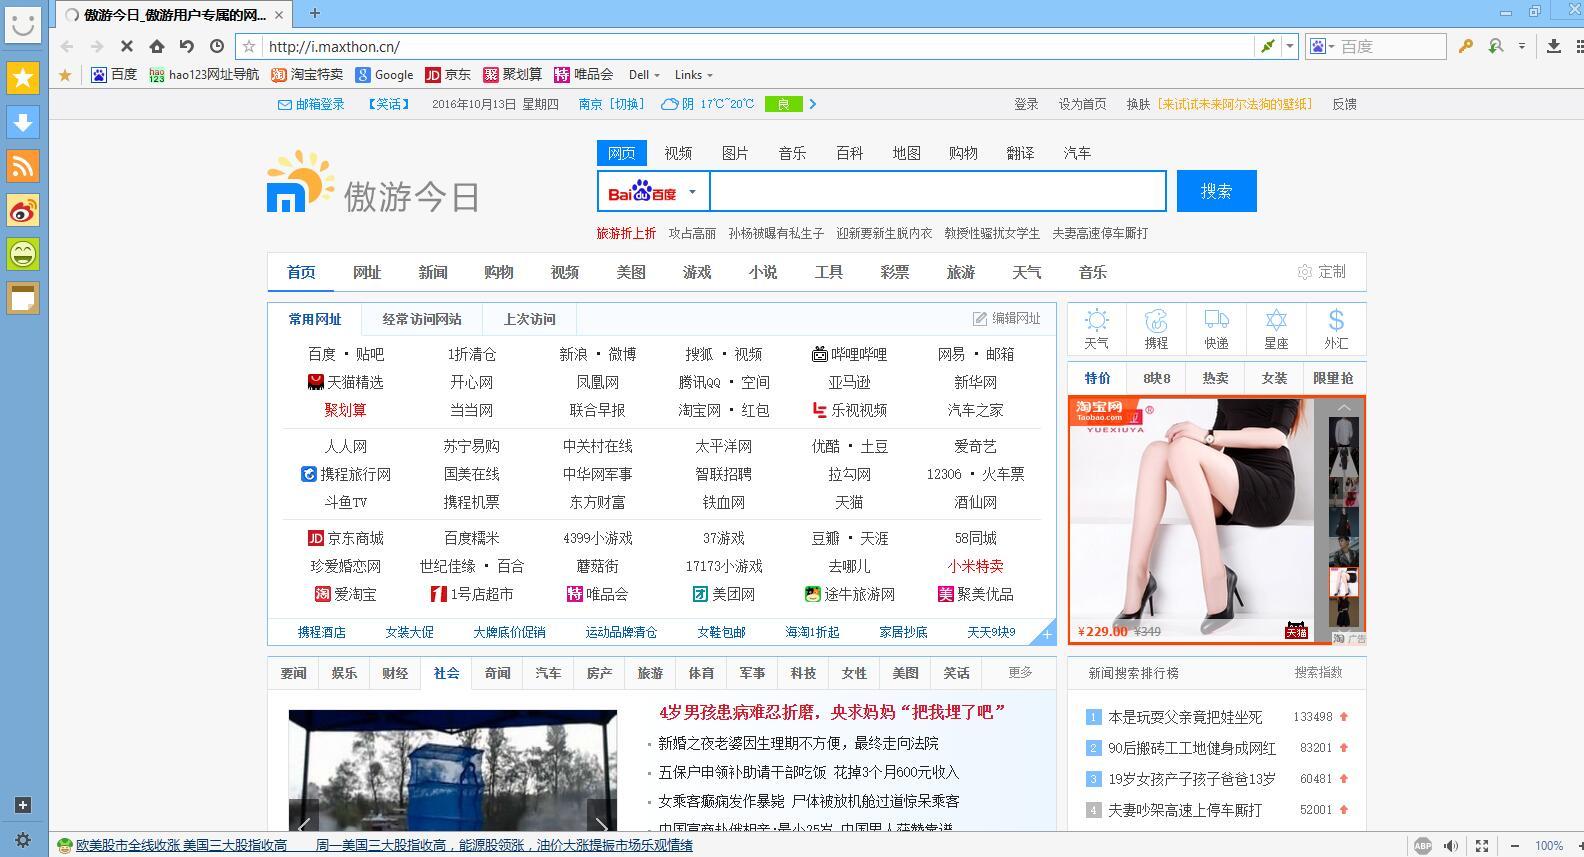 设置傲游浏览器为默认浏览器方法1